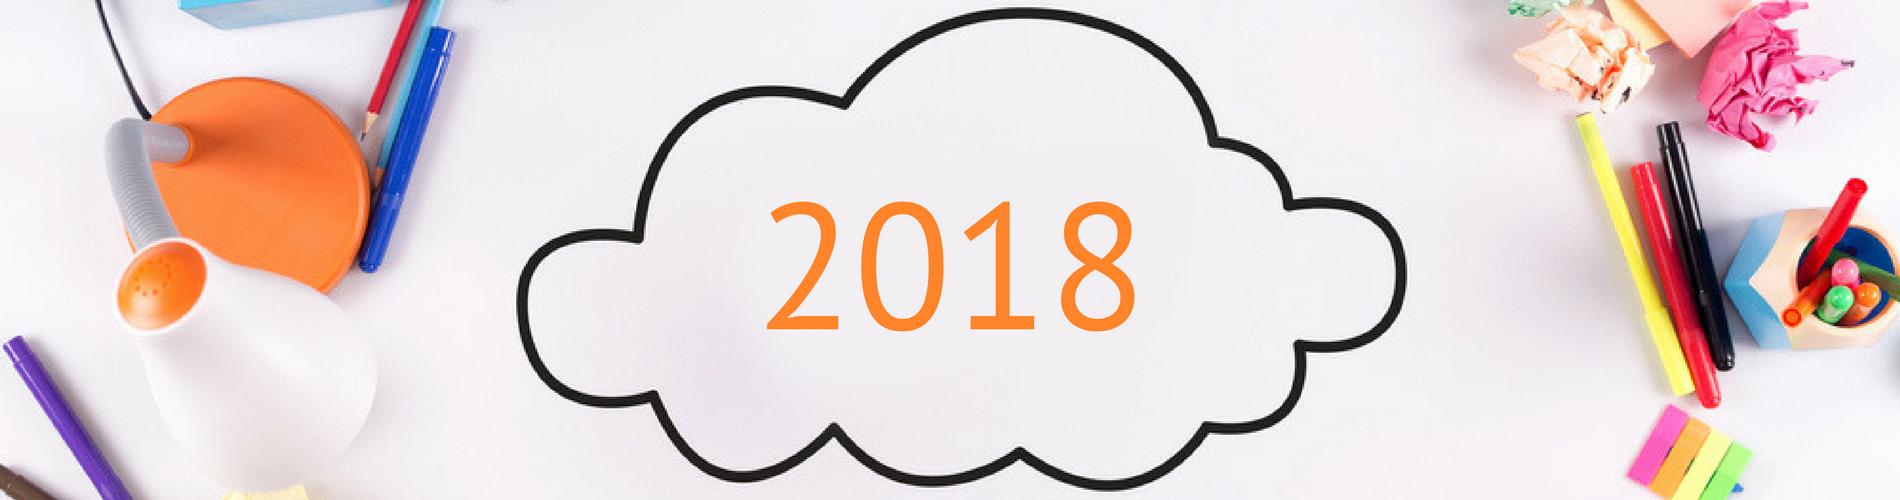 2018-novo-ano-e-novos-desafios